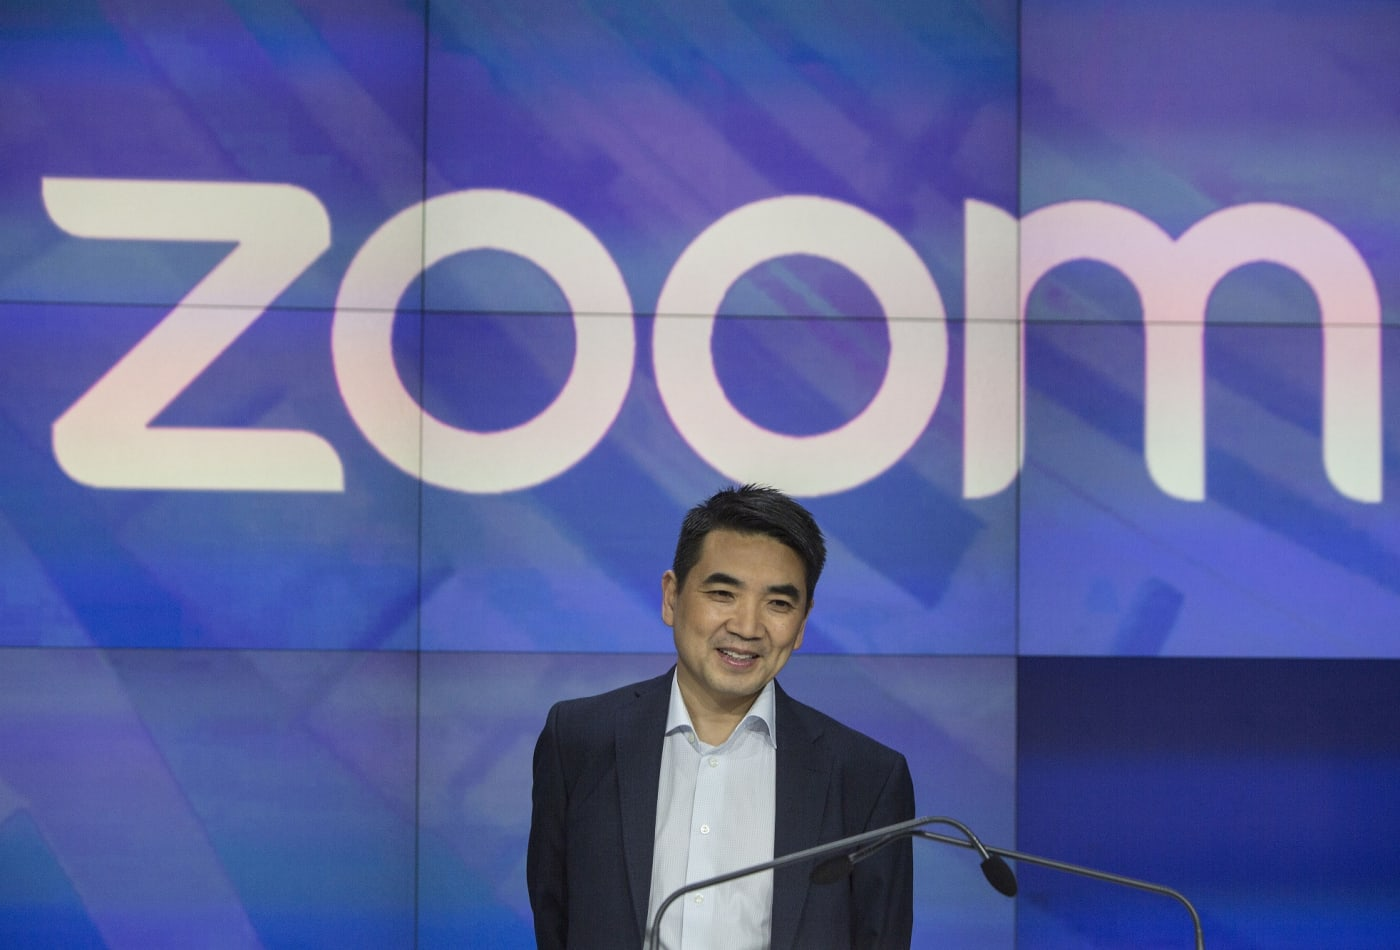 Zoom, 2021 Mali Yılı İçin 2. Çeyrek Sonuçlarını Açıkladı